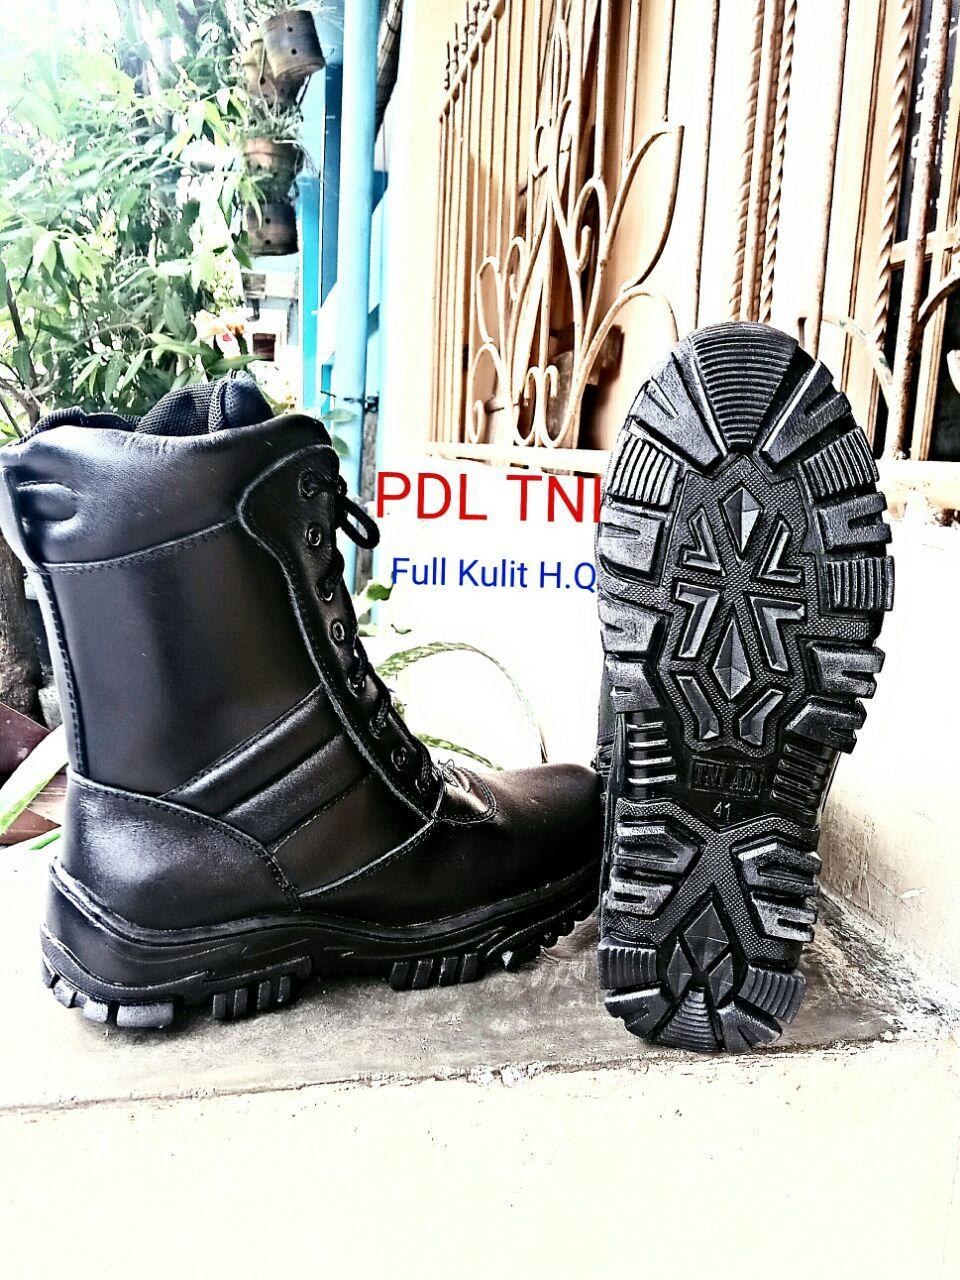 Man Dien Sepatu Pdl Provos Polri Hitam Putih Daftar Harga Terbaru Pkd Atau Jahit Pria Tni Full Kulit